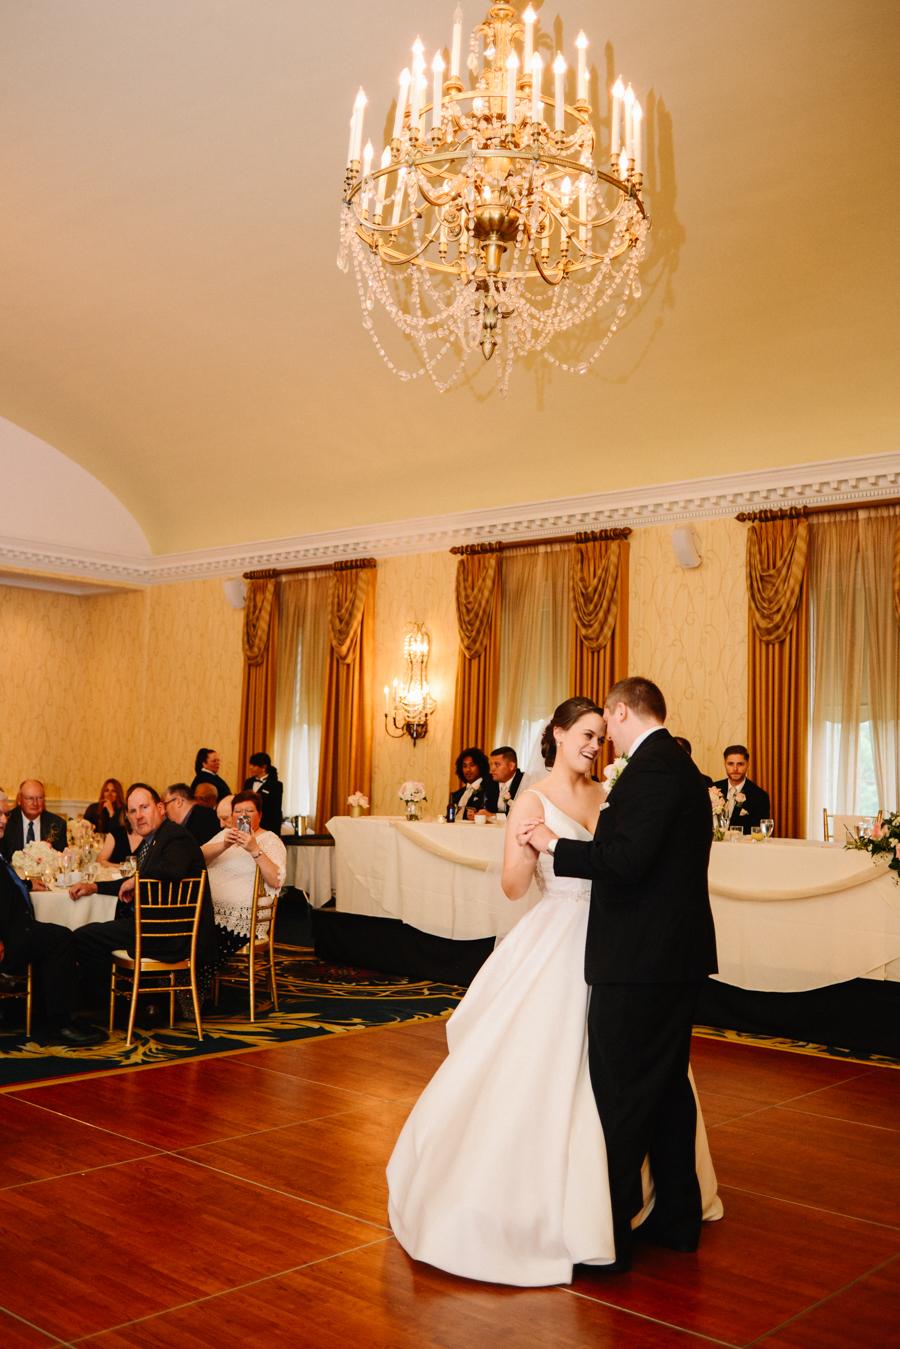 Dearborn_Inn_Wedding_Photos-81.jpg